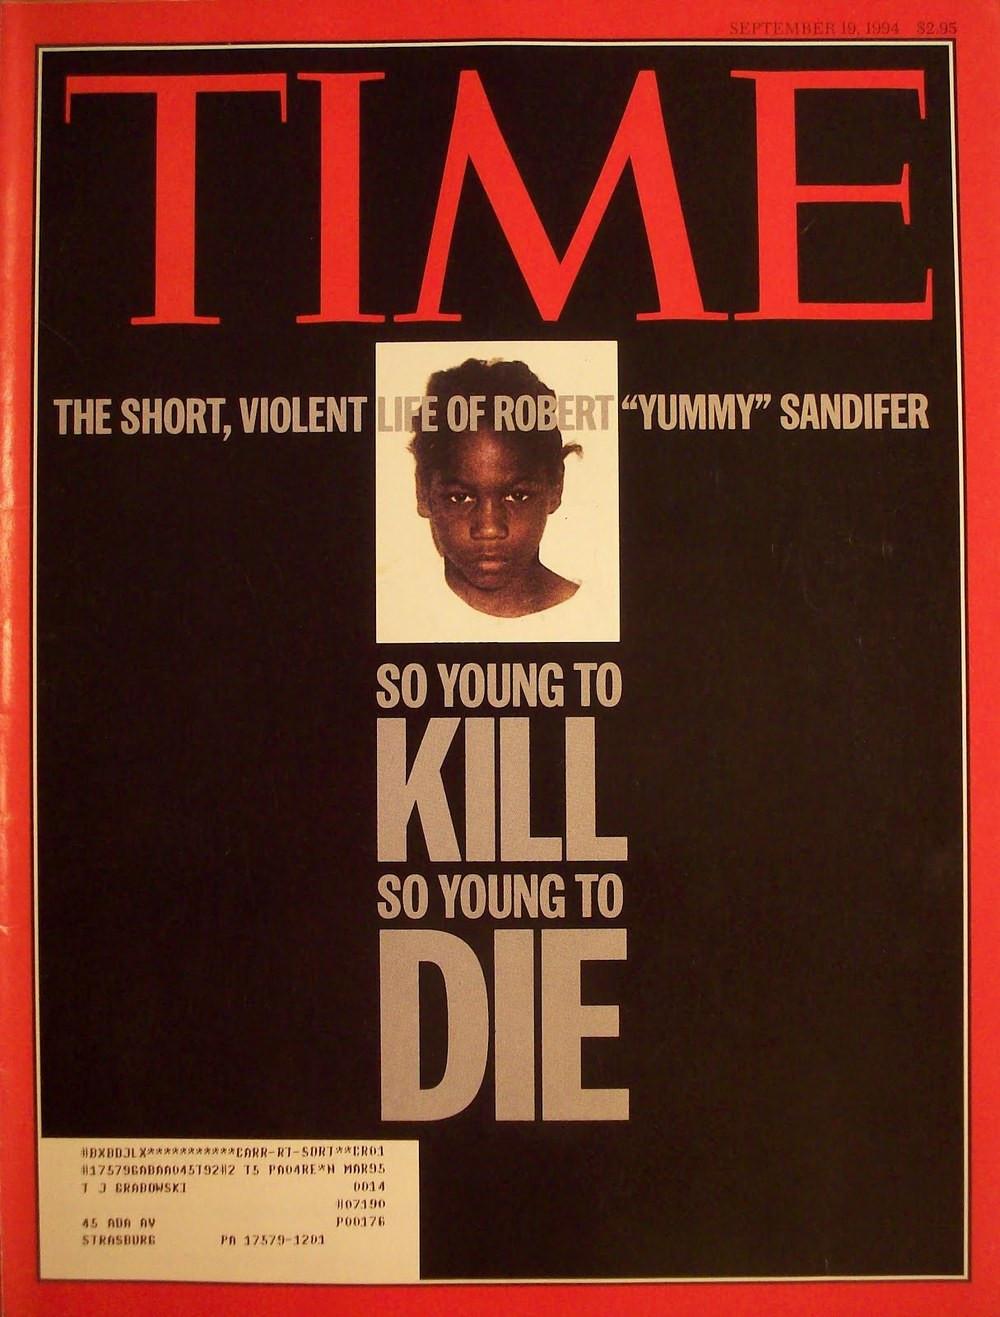 роберт сандифер, преступления, убийство, чикаго, банды, авторский пост